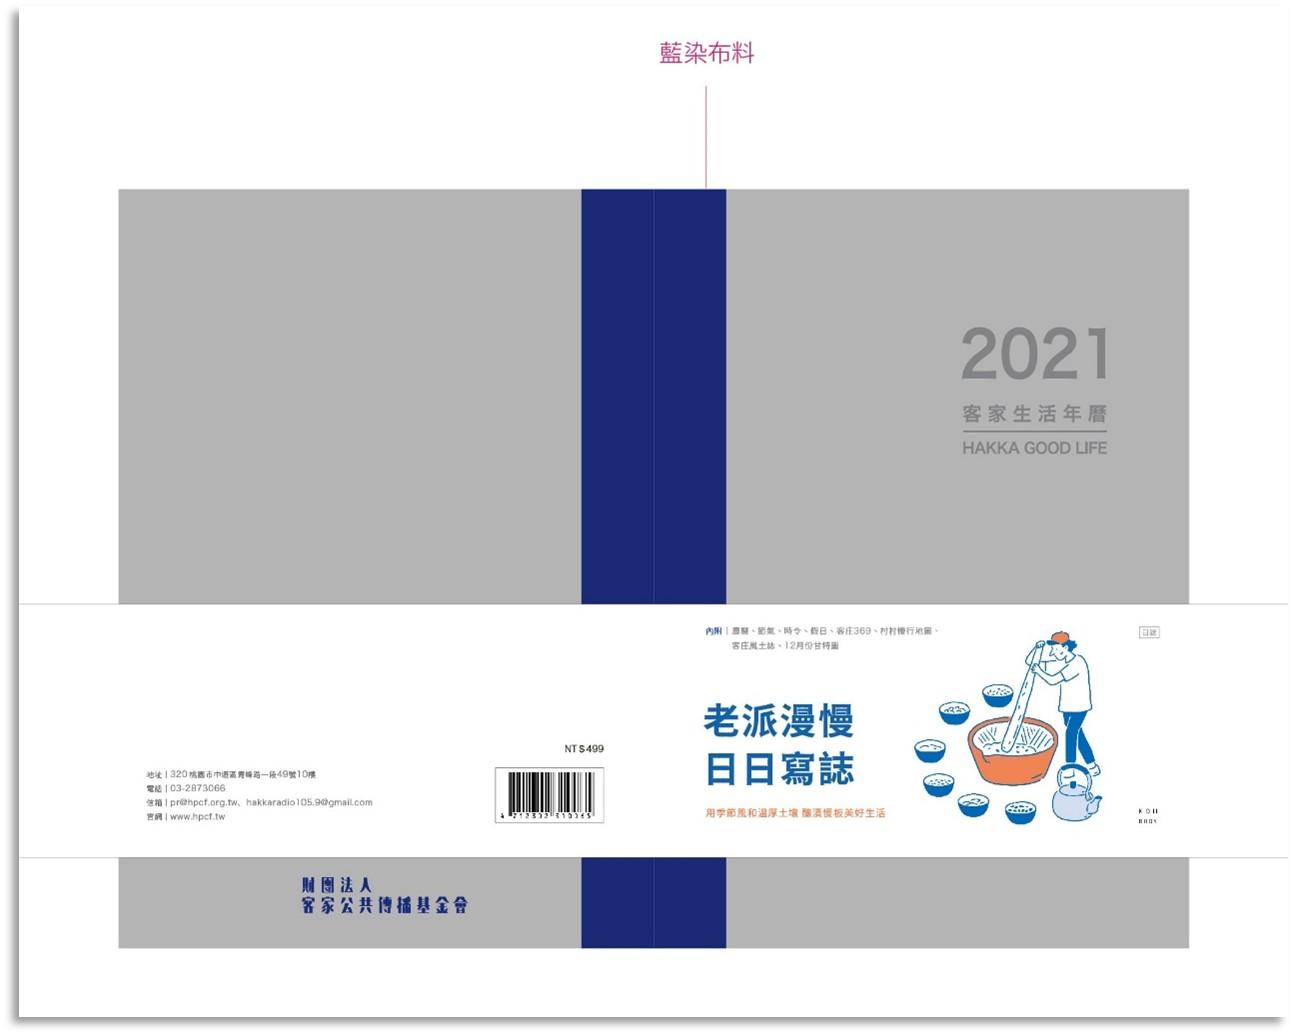 2021年捐款回饋禮全公開~~